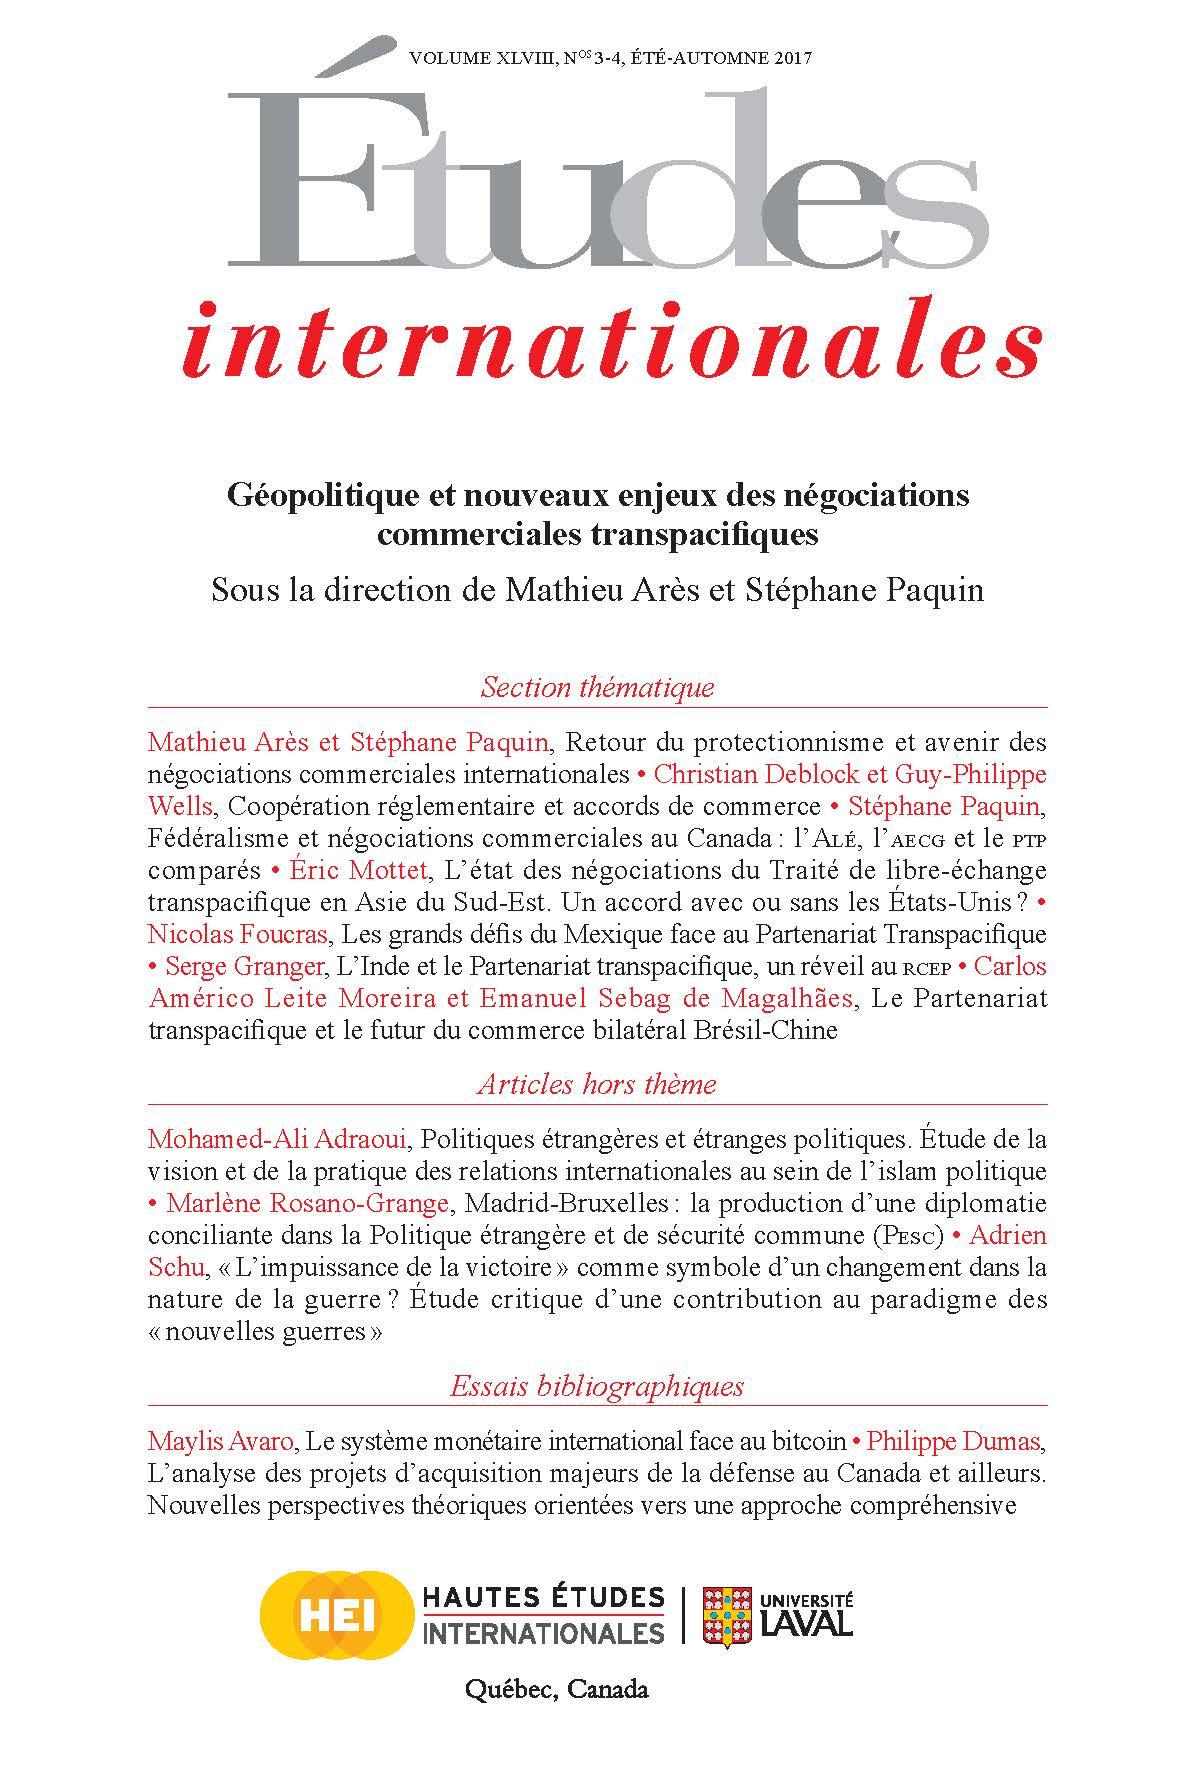 Géopolitique et nouveaux enjeux des négociations commerciales transpacifiques